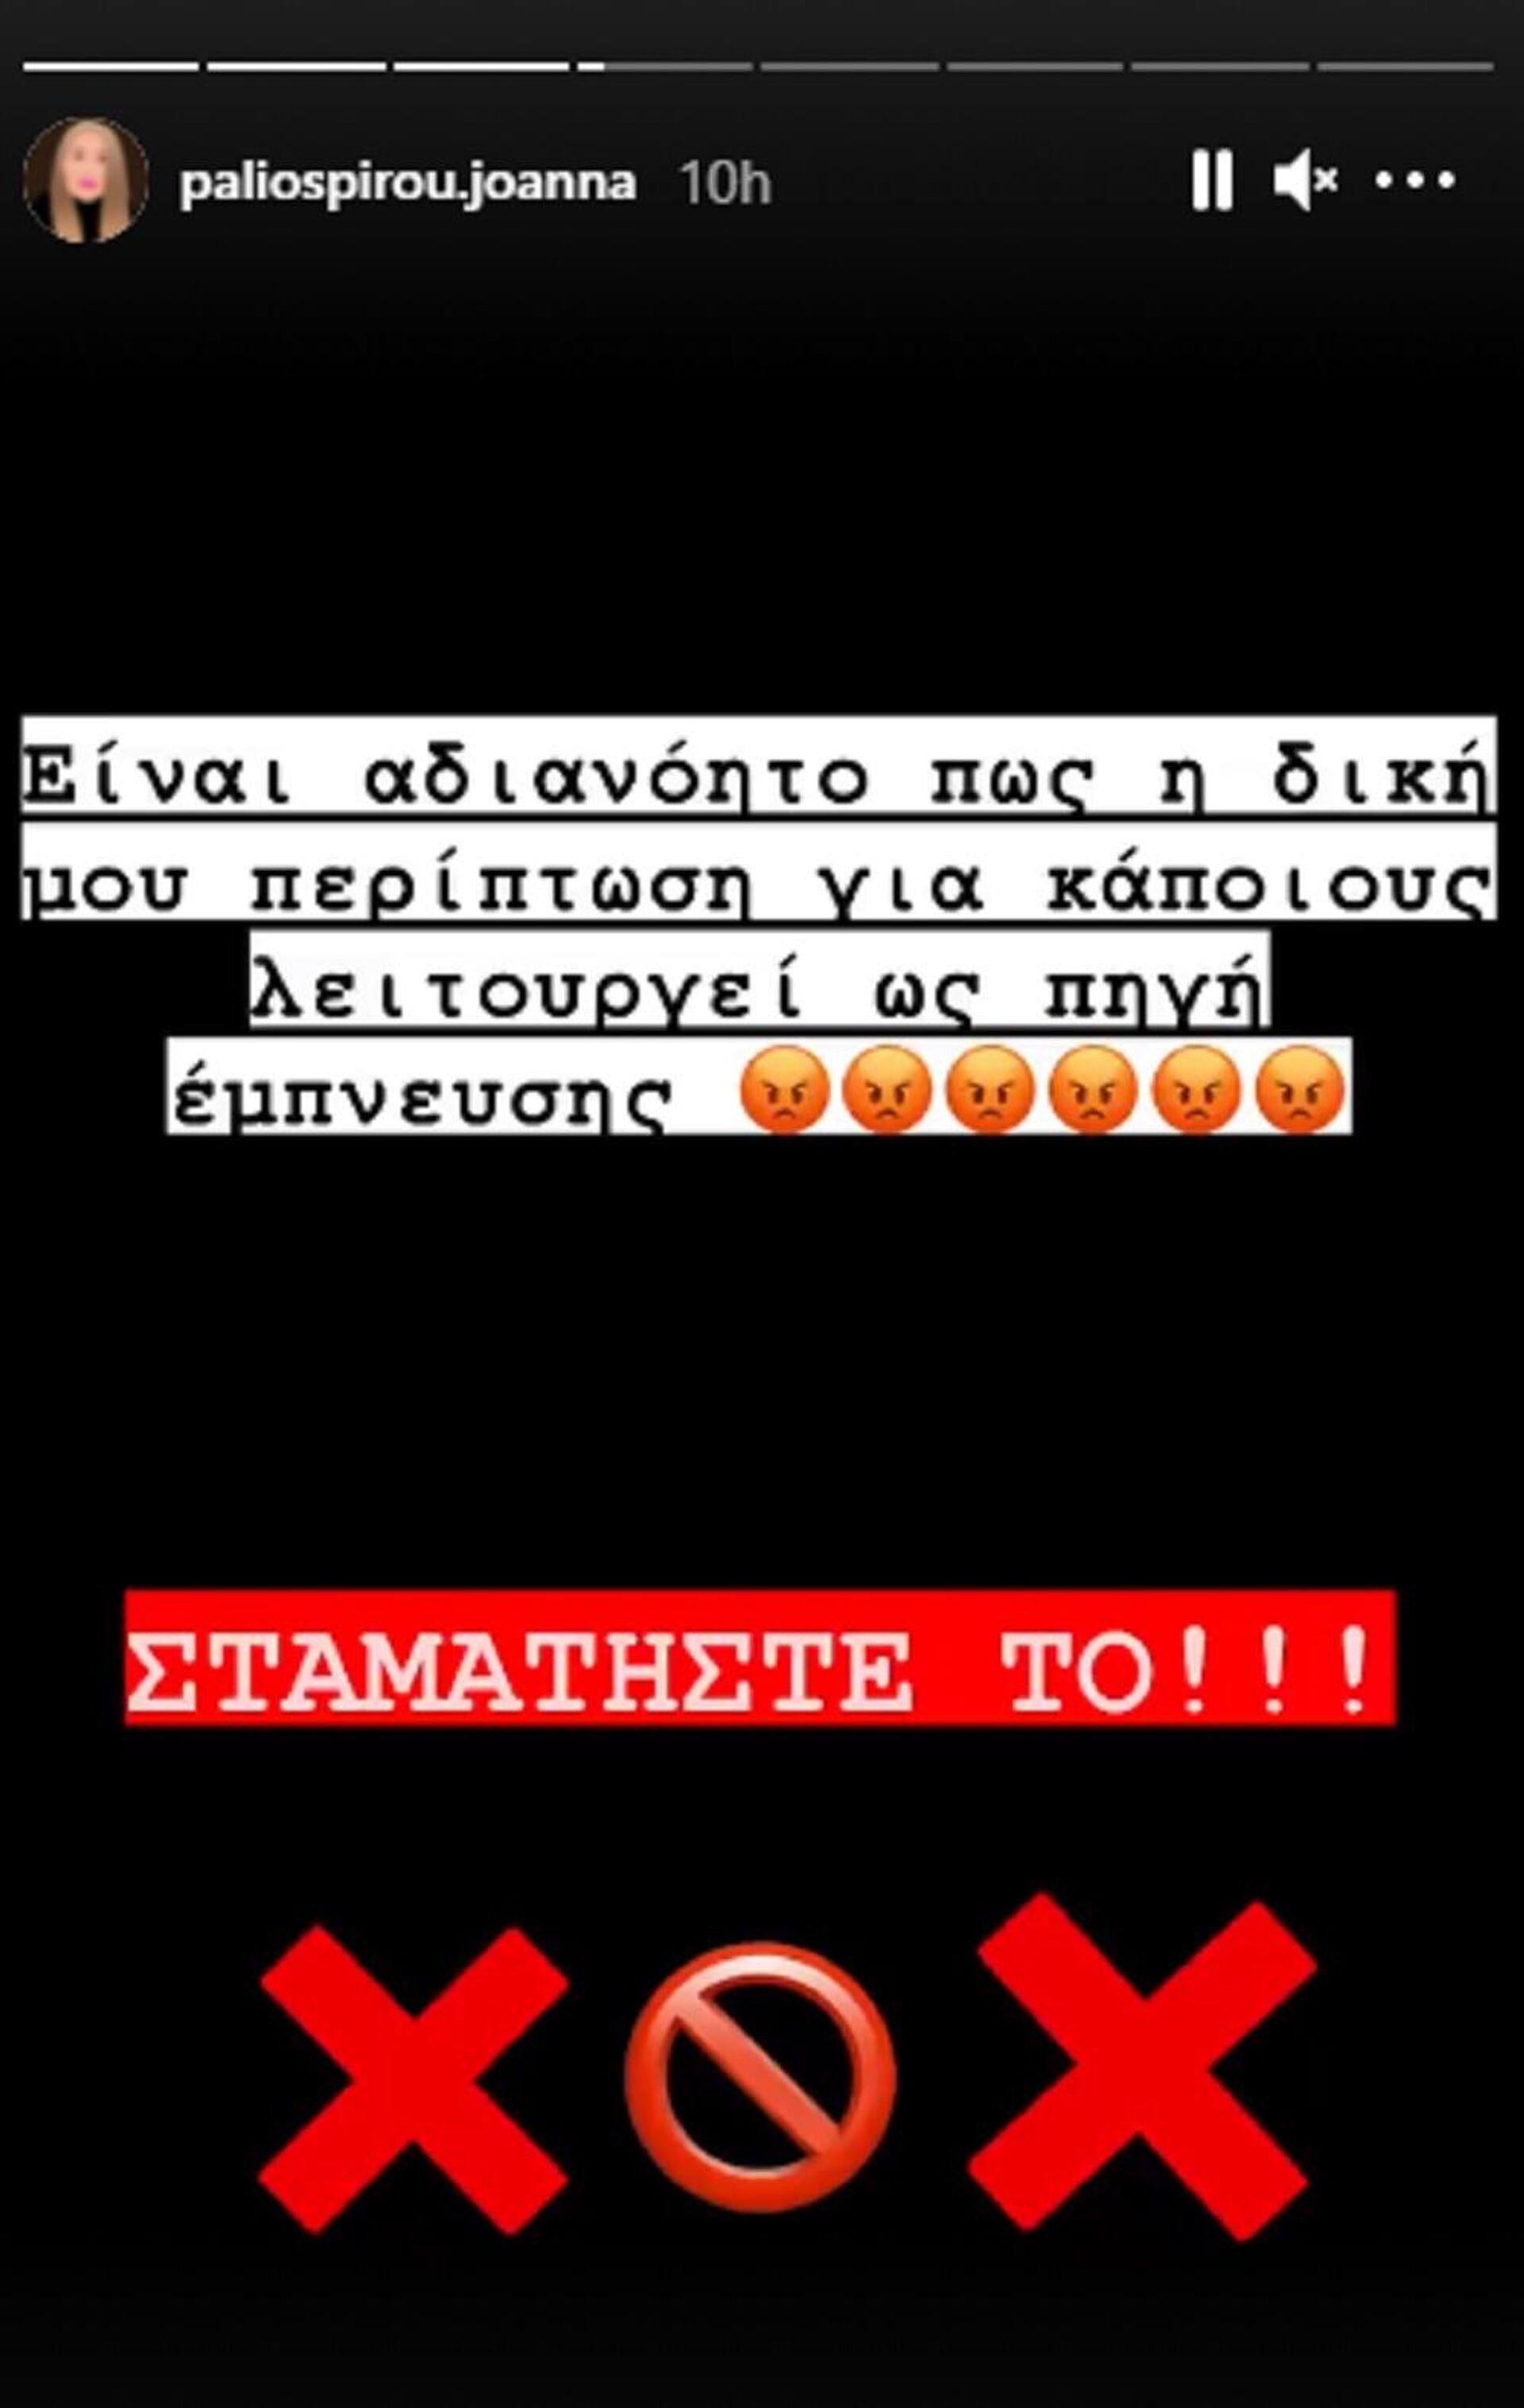 Stories της Ιωάννα Παλιοσπύρου στο Instagram για την επίθεση με καυστικό υγρό στη Νίκαια - Sputnik Ελλάδα, 1920, 13.09.2021